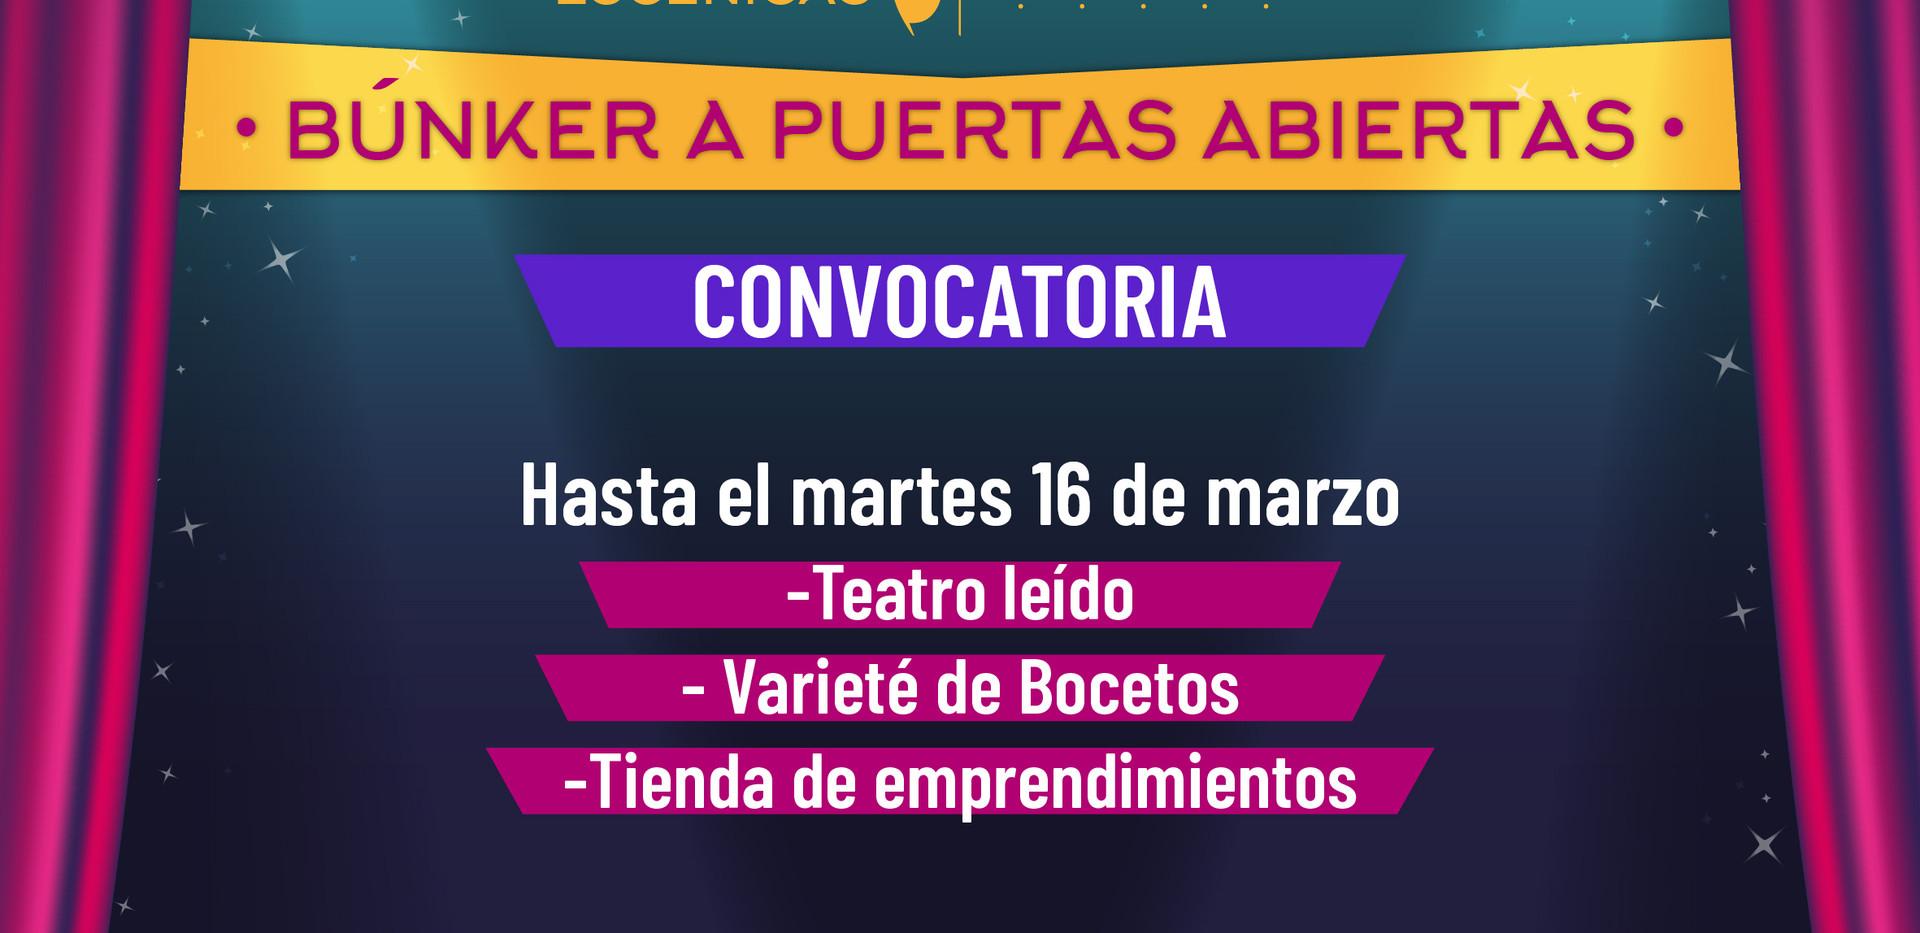 3 Puertas Abiertas Convocatoria-01.jpg